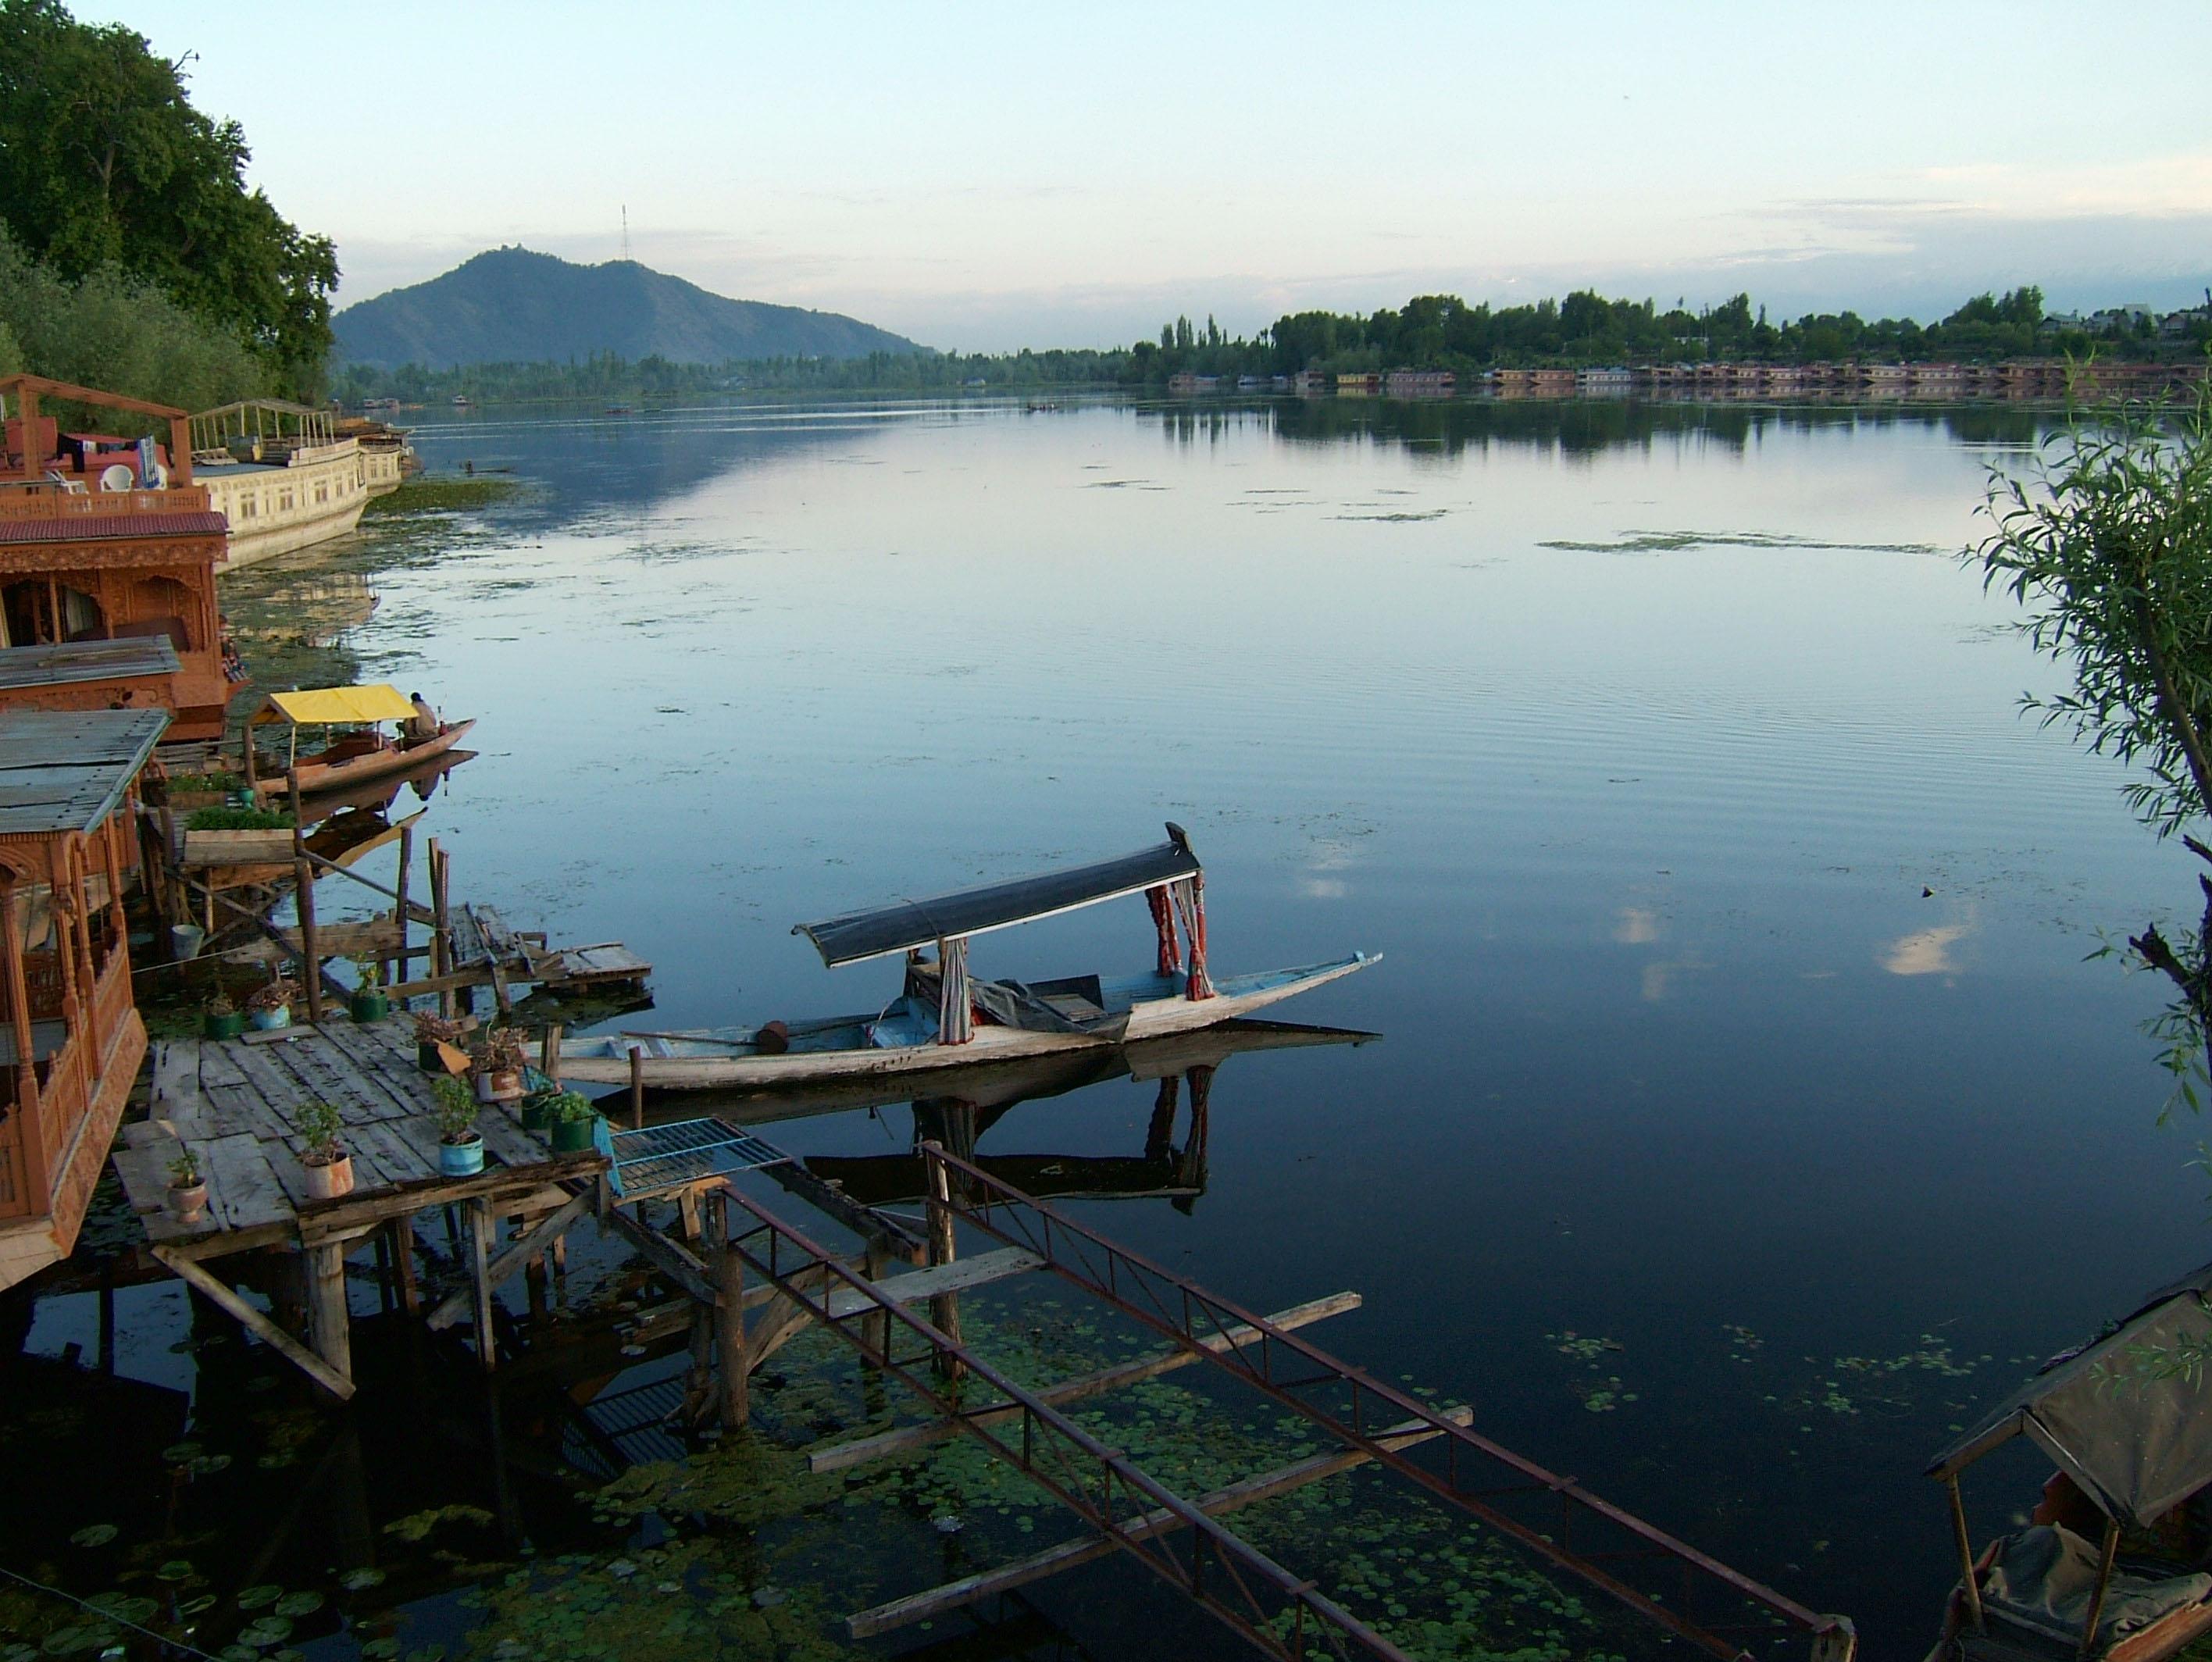 Kashmir Srinagar Shikaras Dal lake India Apr 2004 10